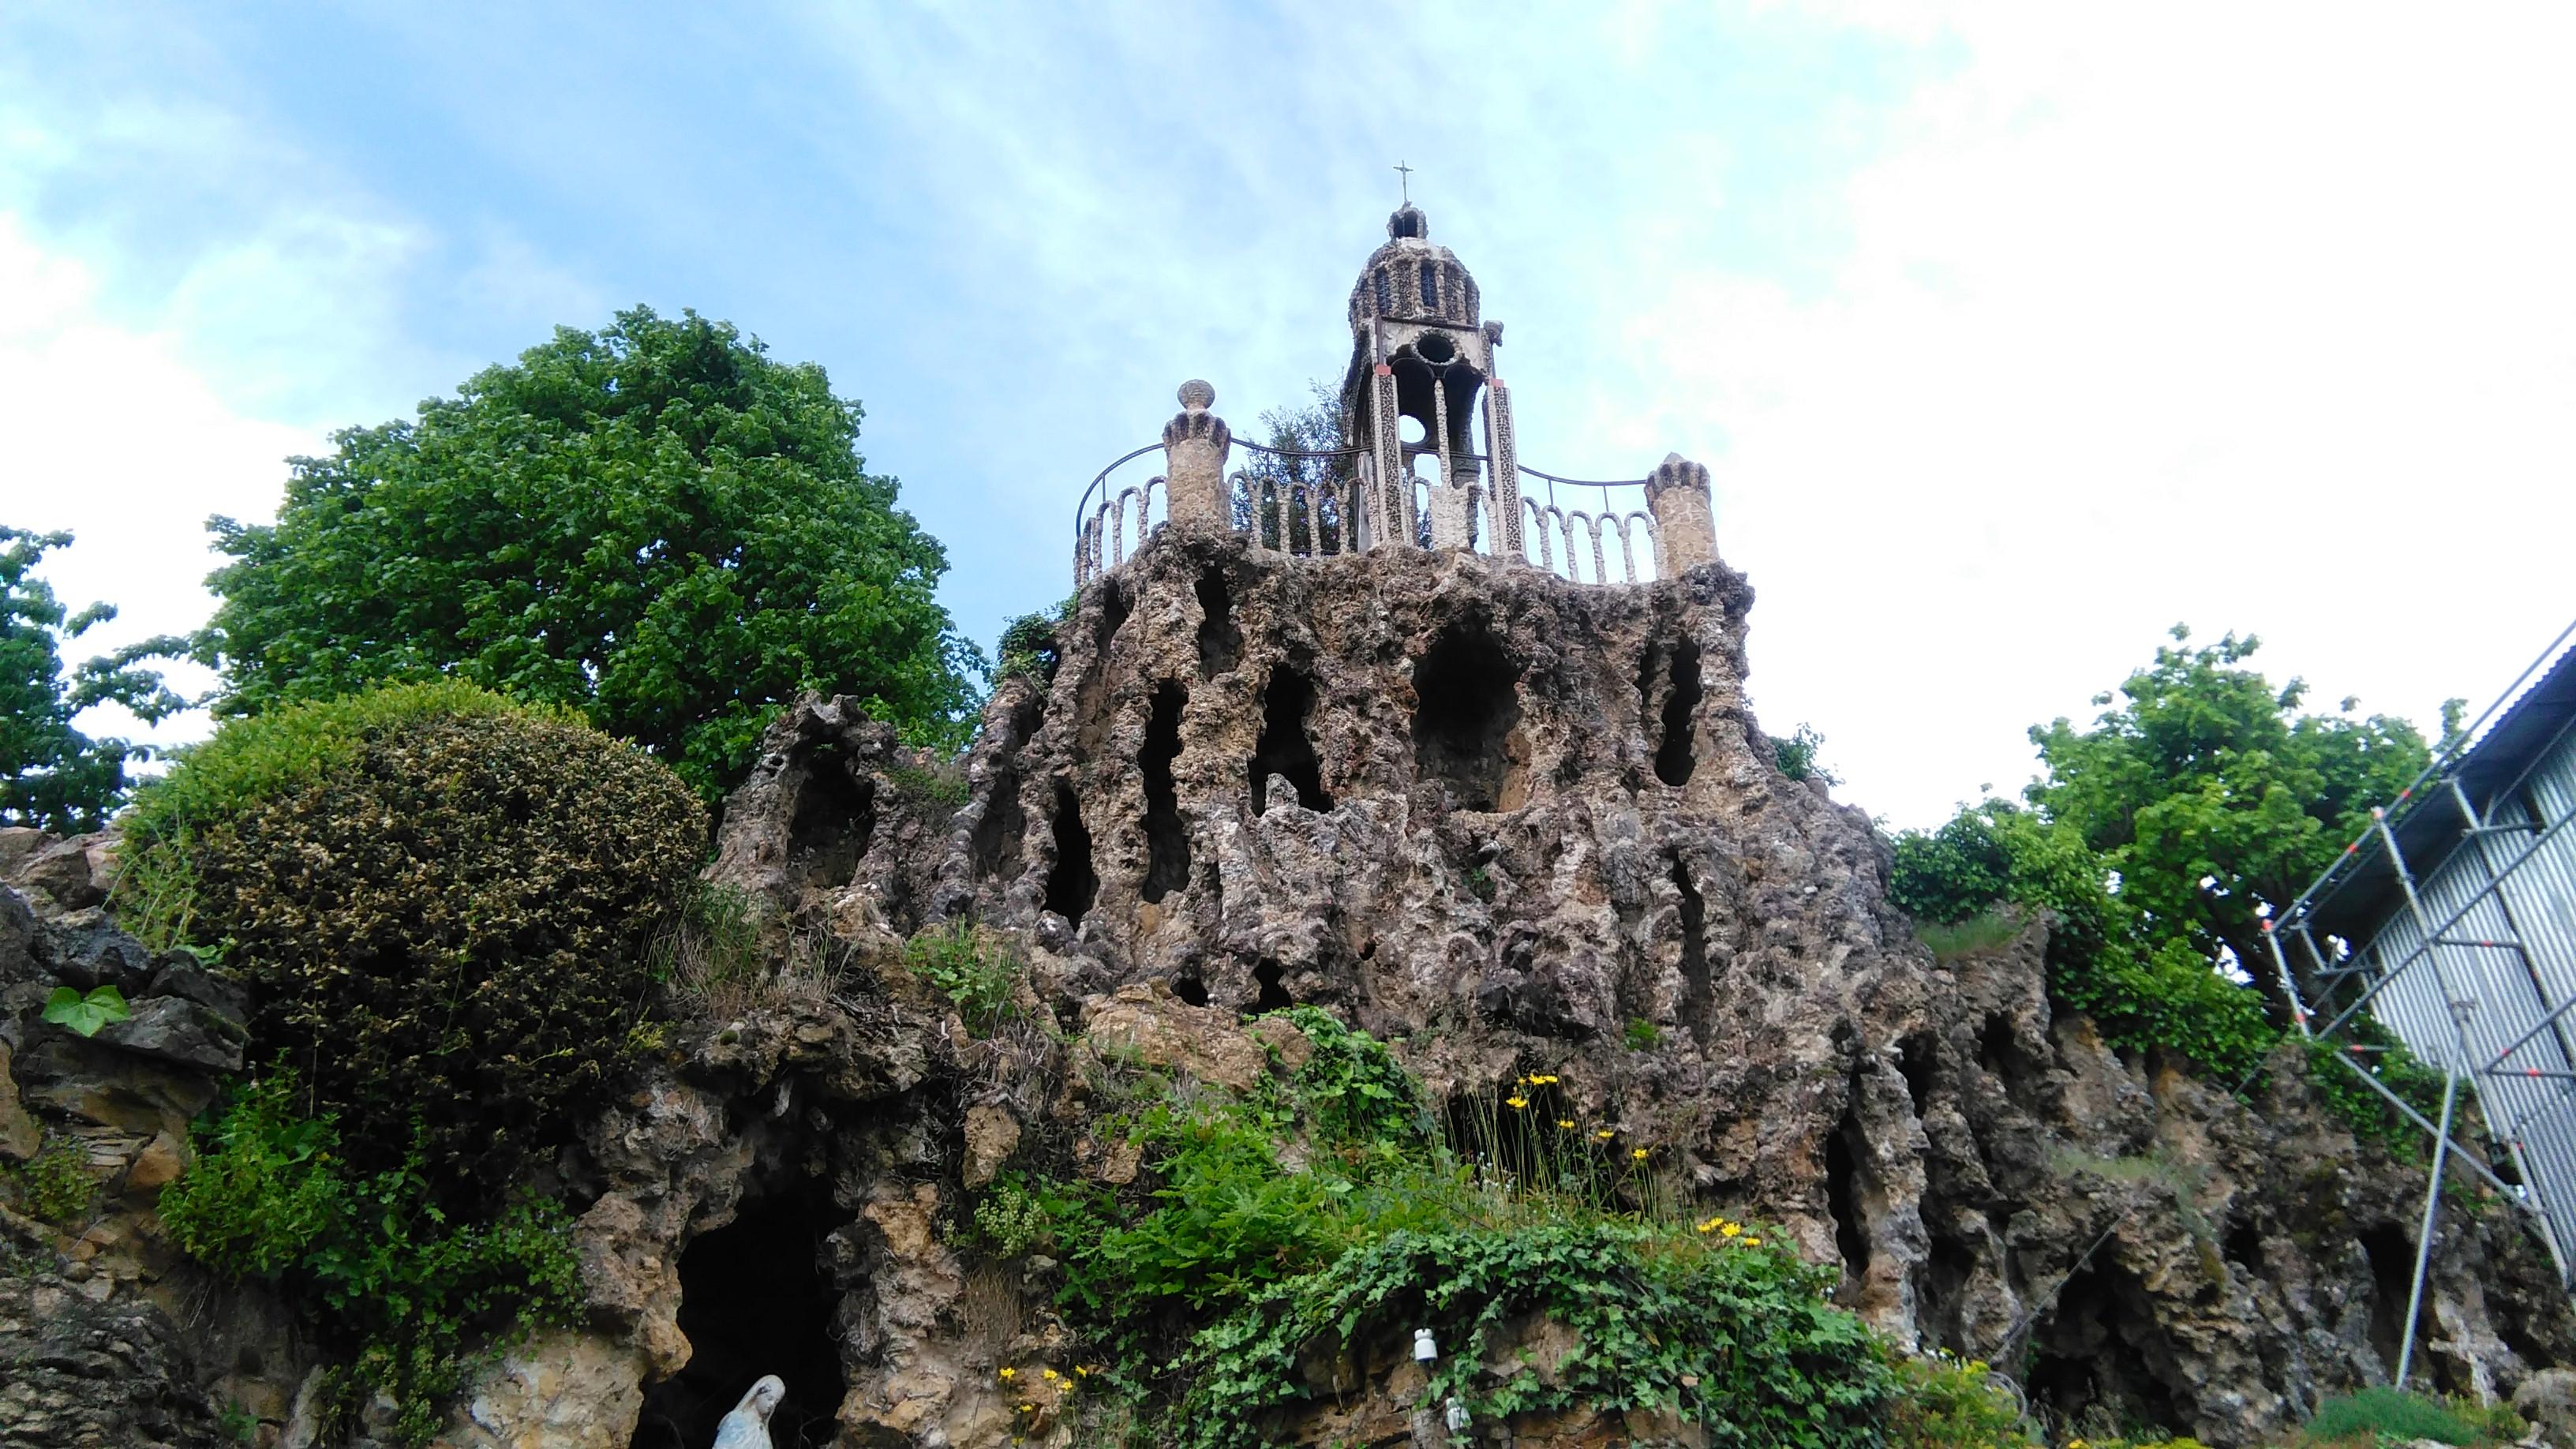 Les Jardins Des Monts D Or l'ermitage du mont cindre, trésor caché des monts d'or - de